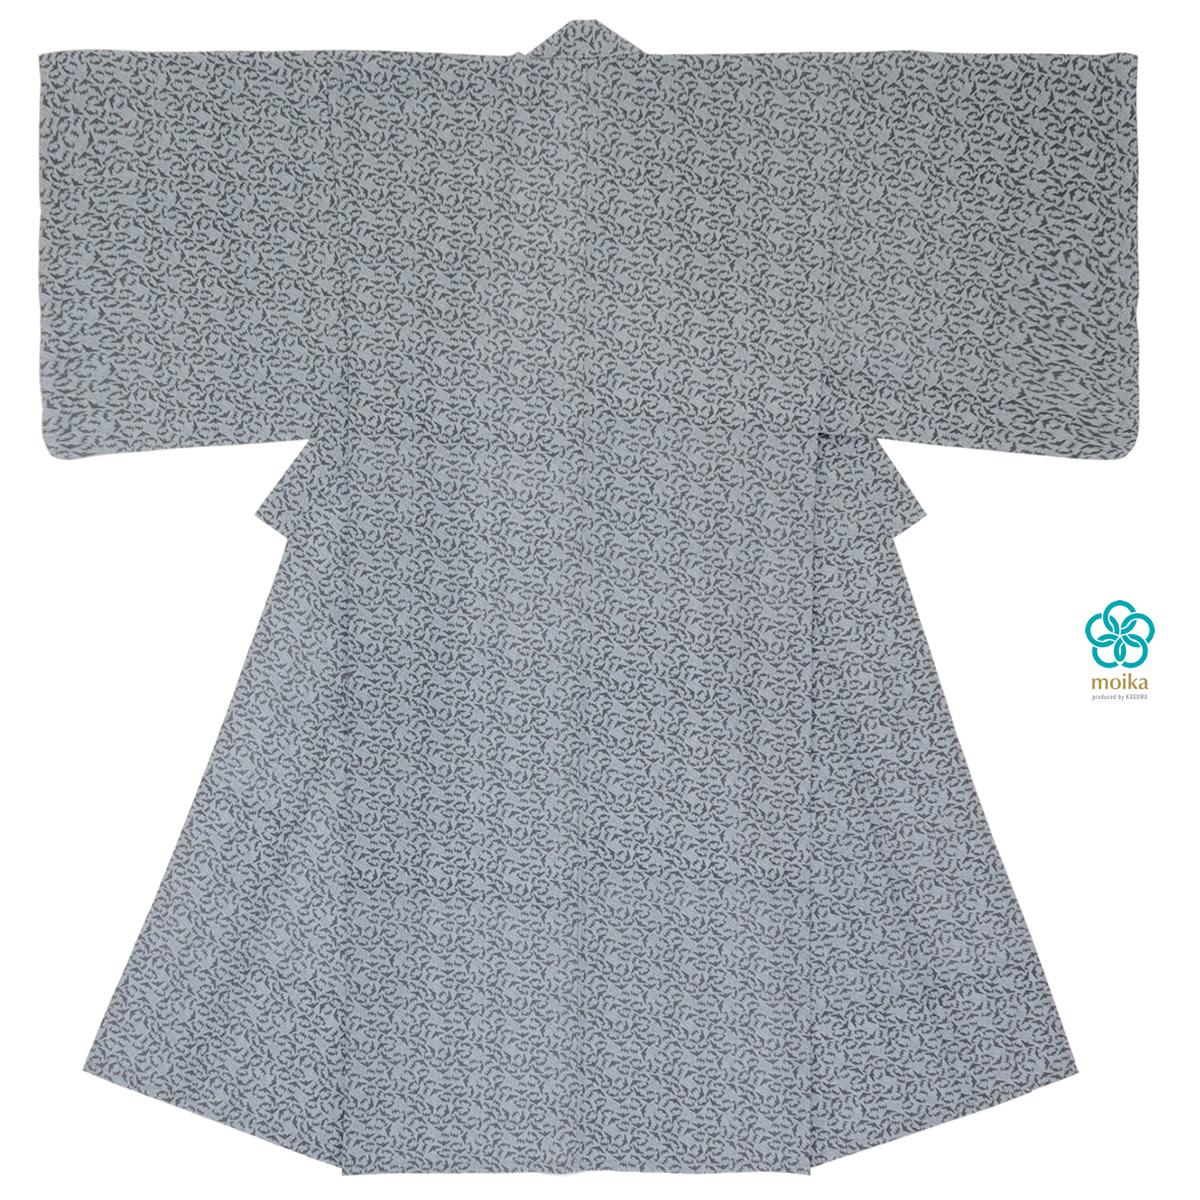 夏におすすめな人気ブランドのメンズ浴衣